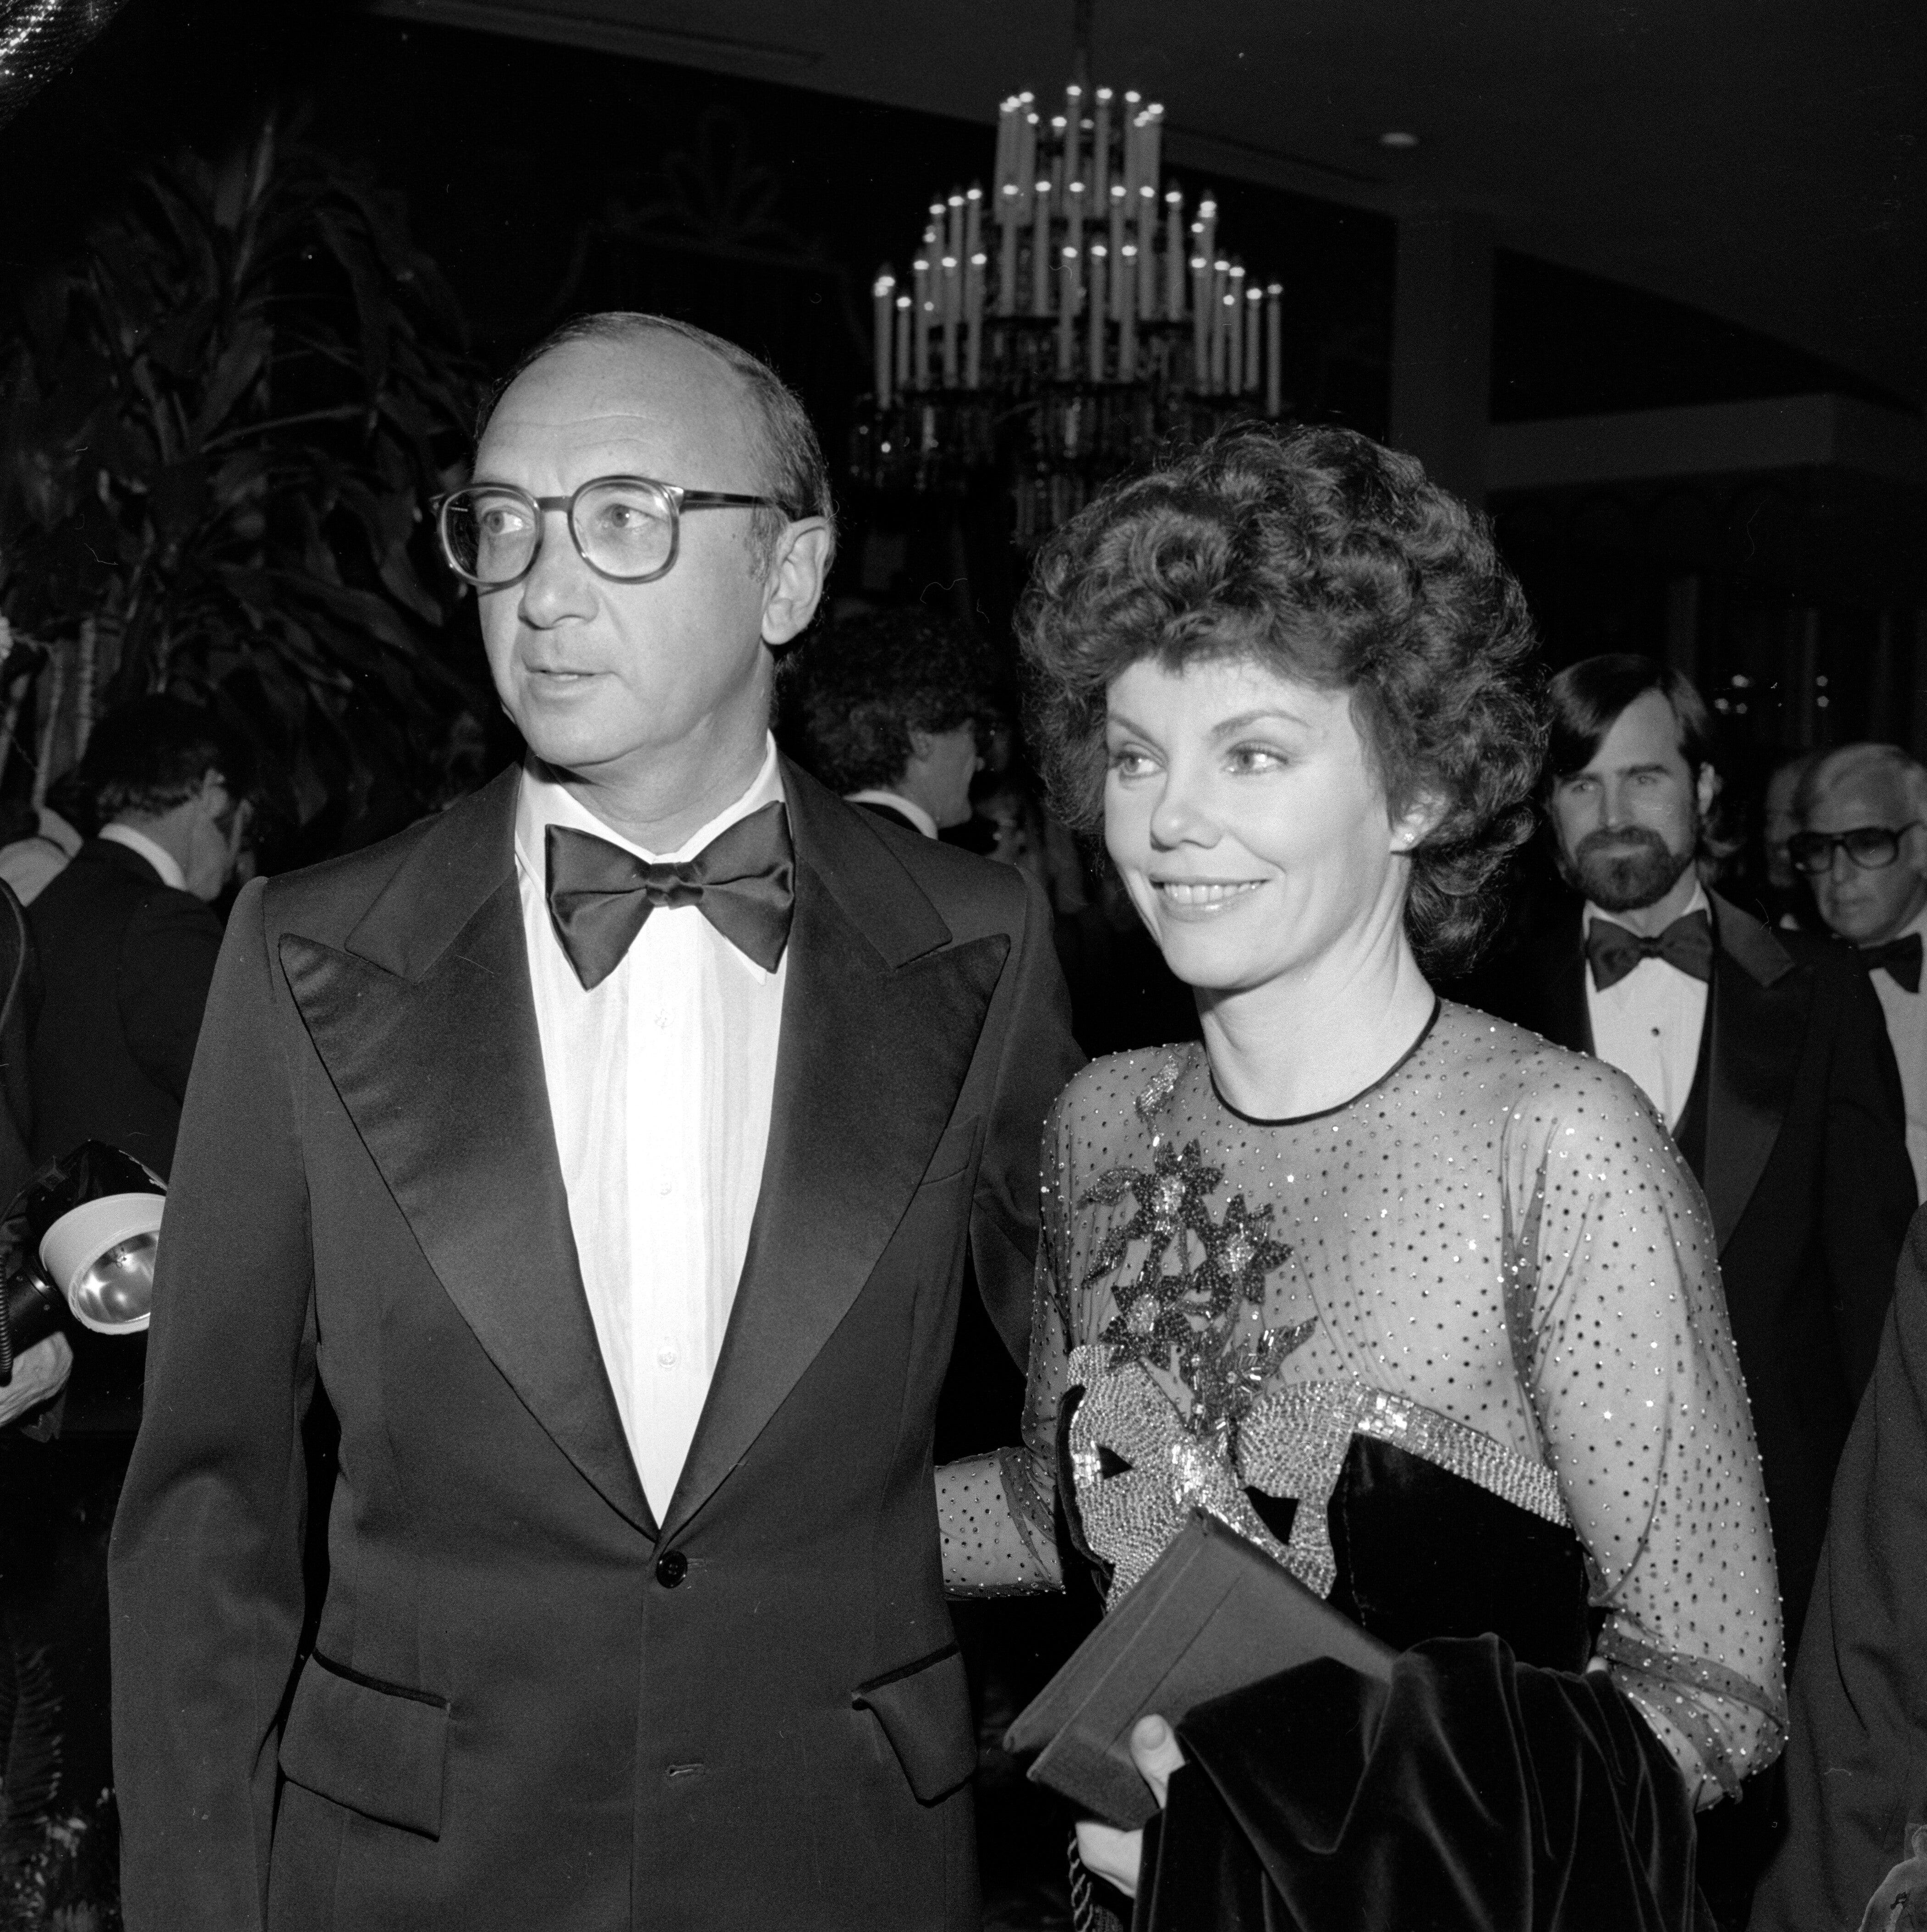 Neil Simons and Marsha Mason